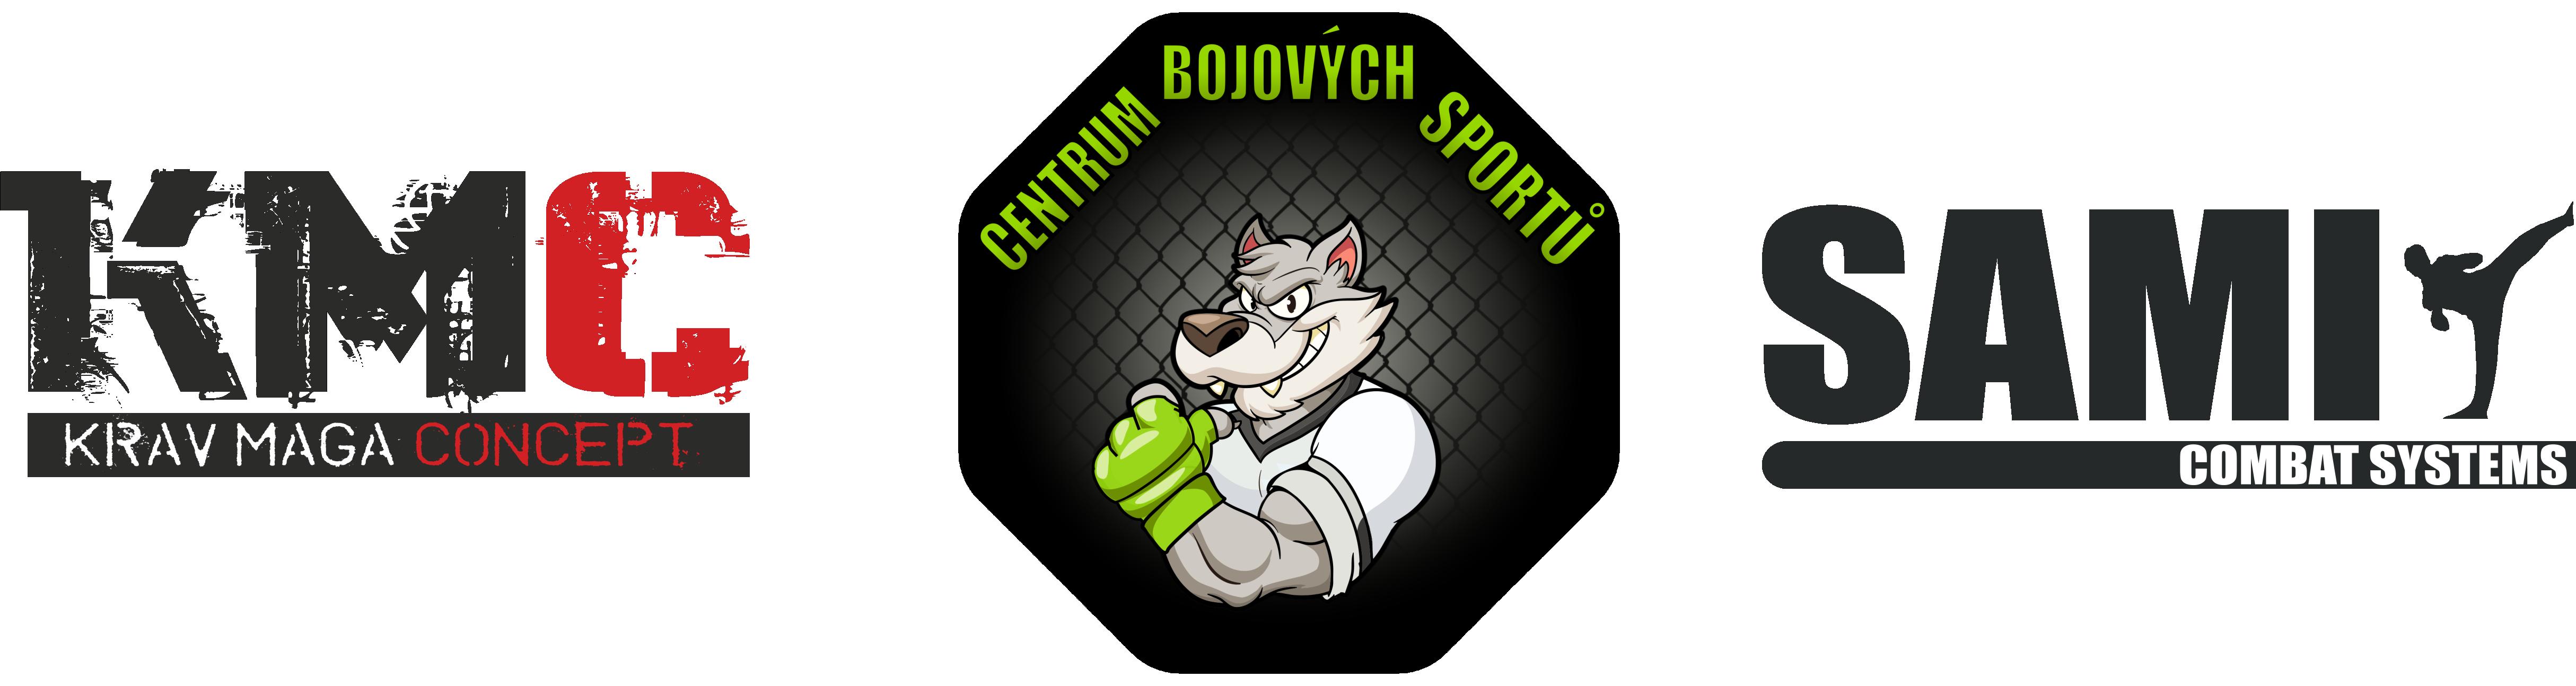 Centrum Bojových Sportů České Budějovice